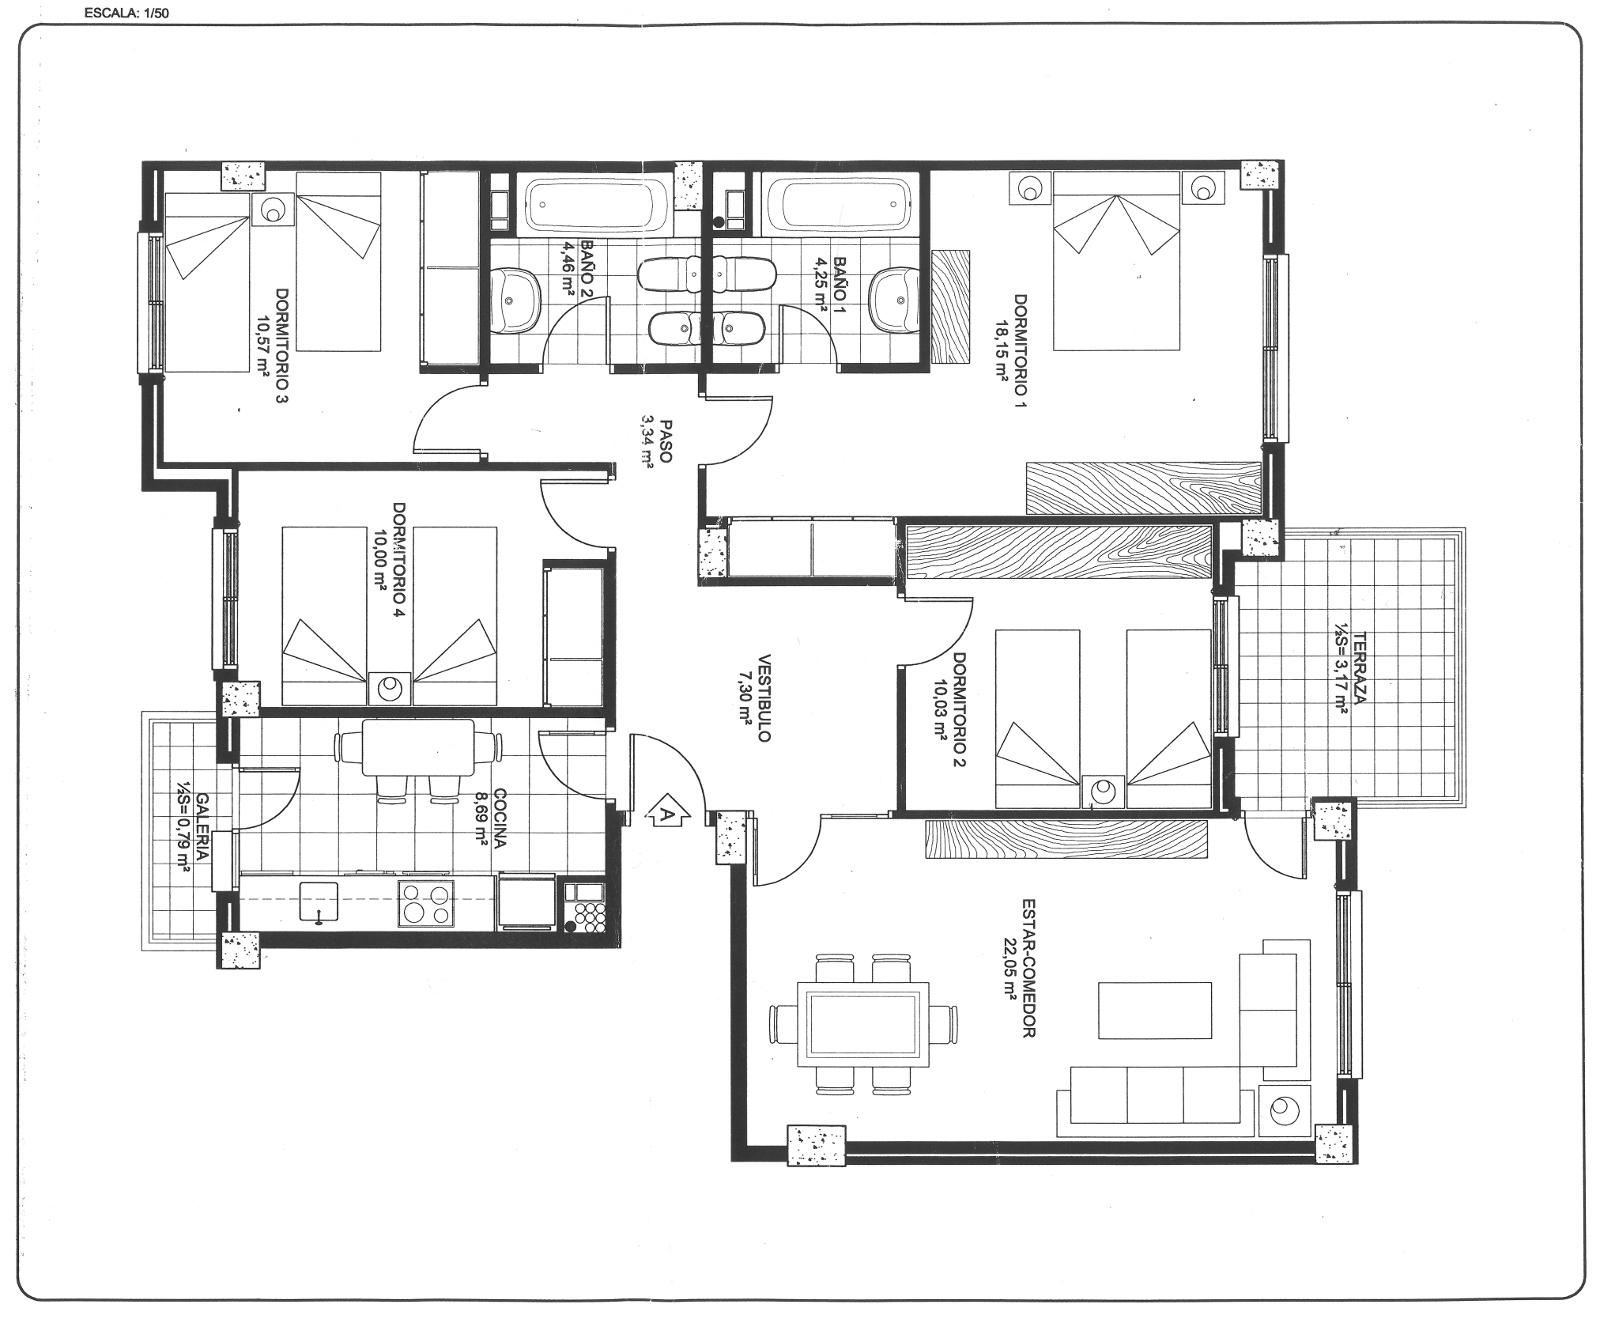 Plano general de la vivienda